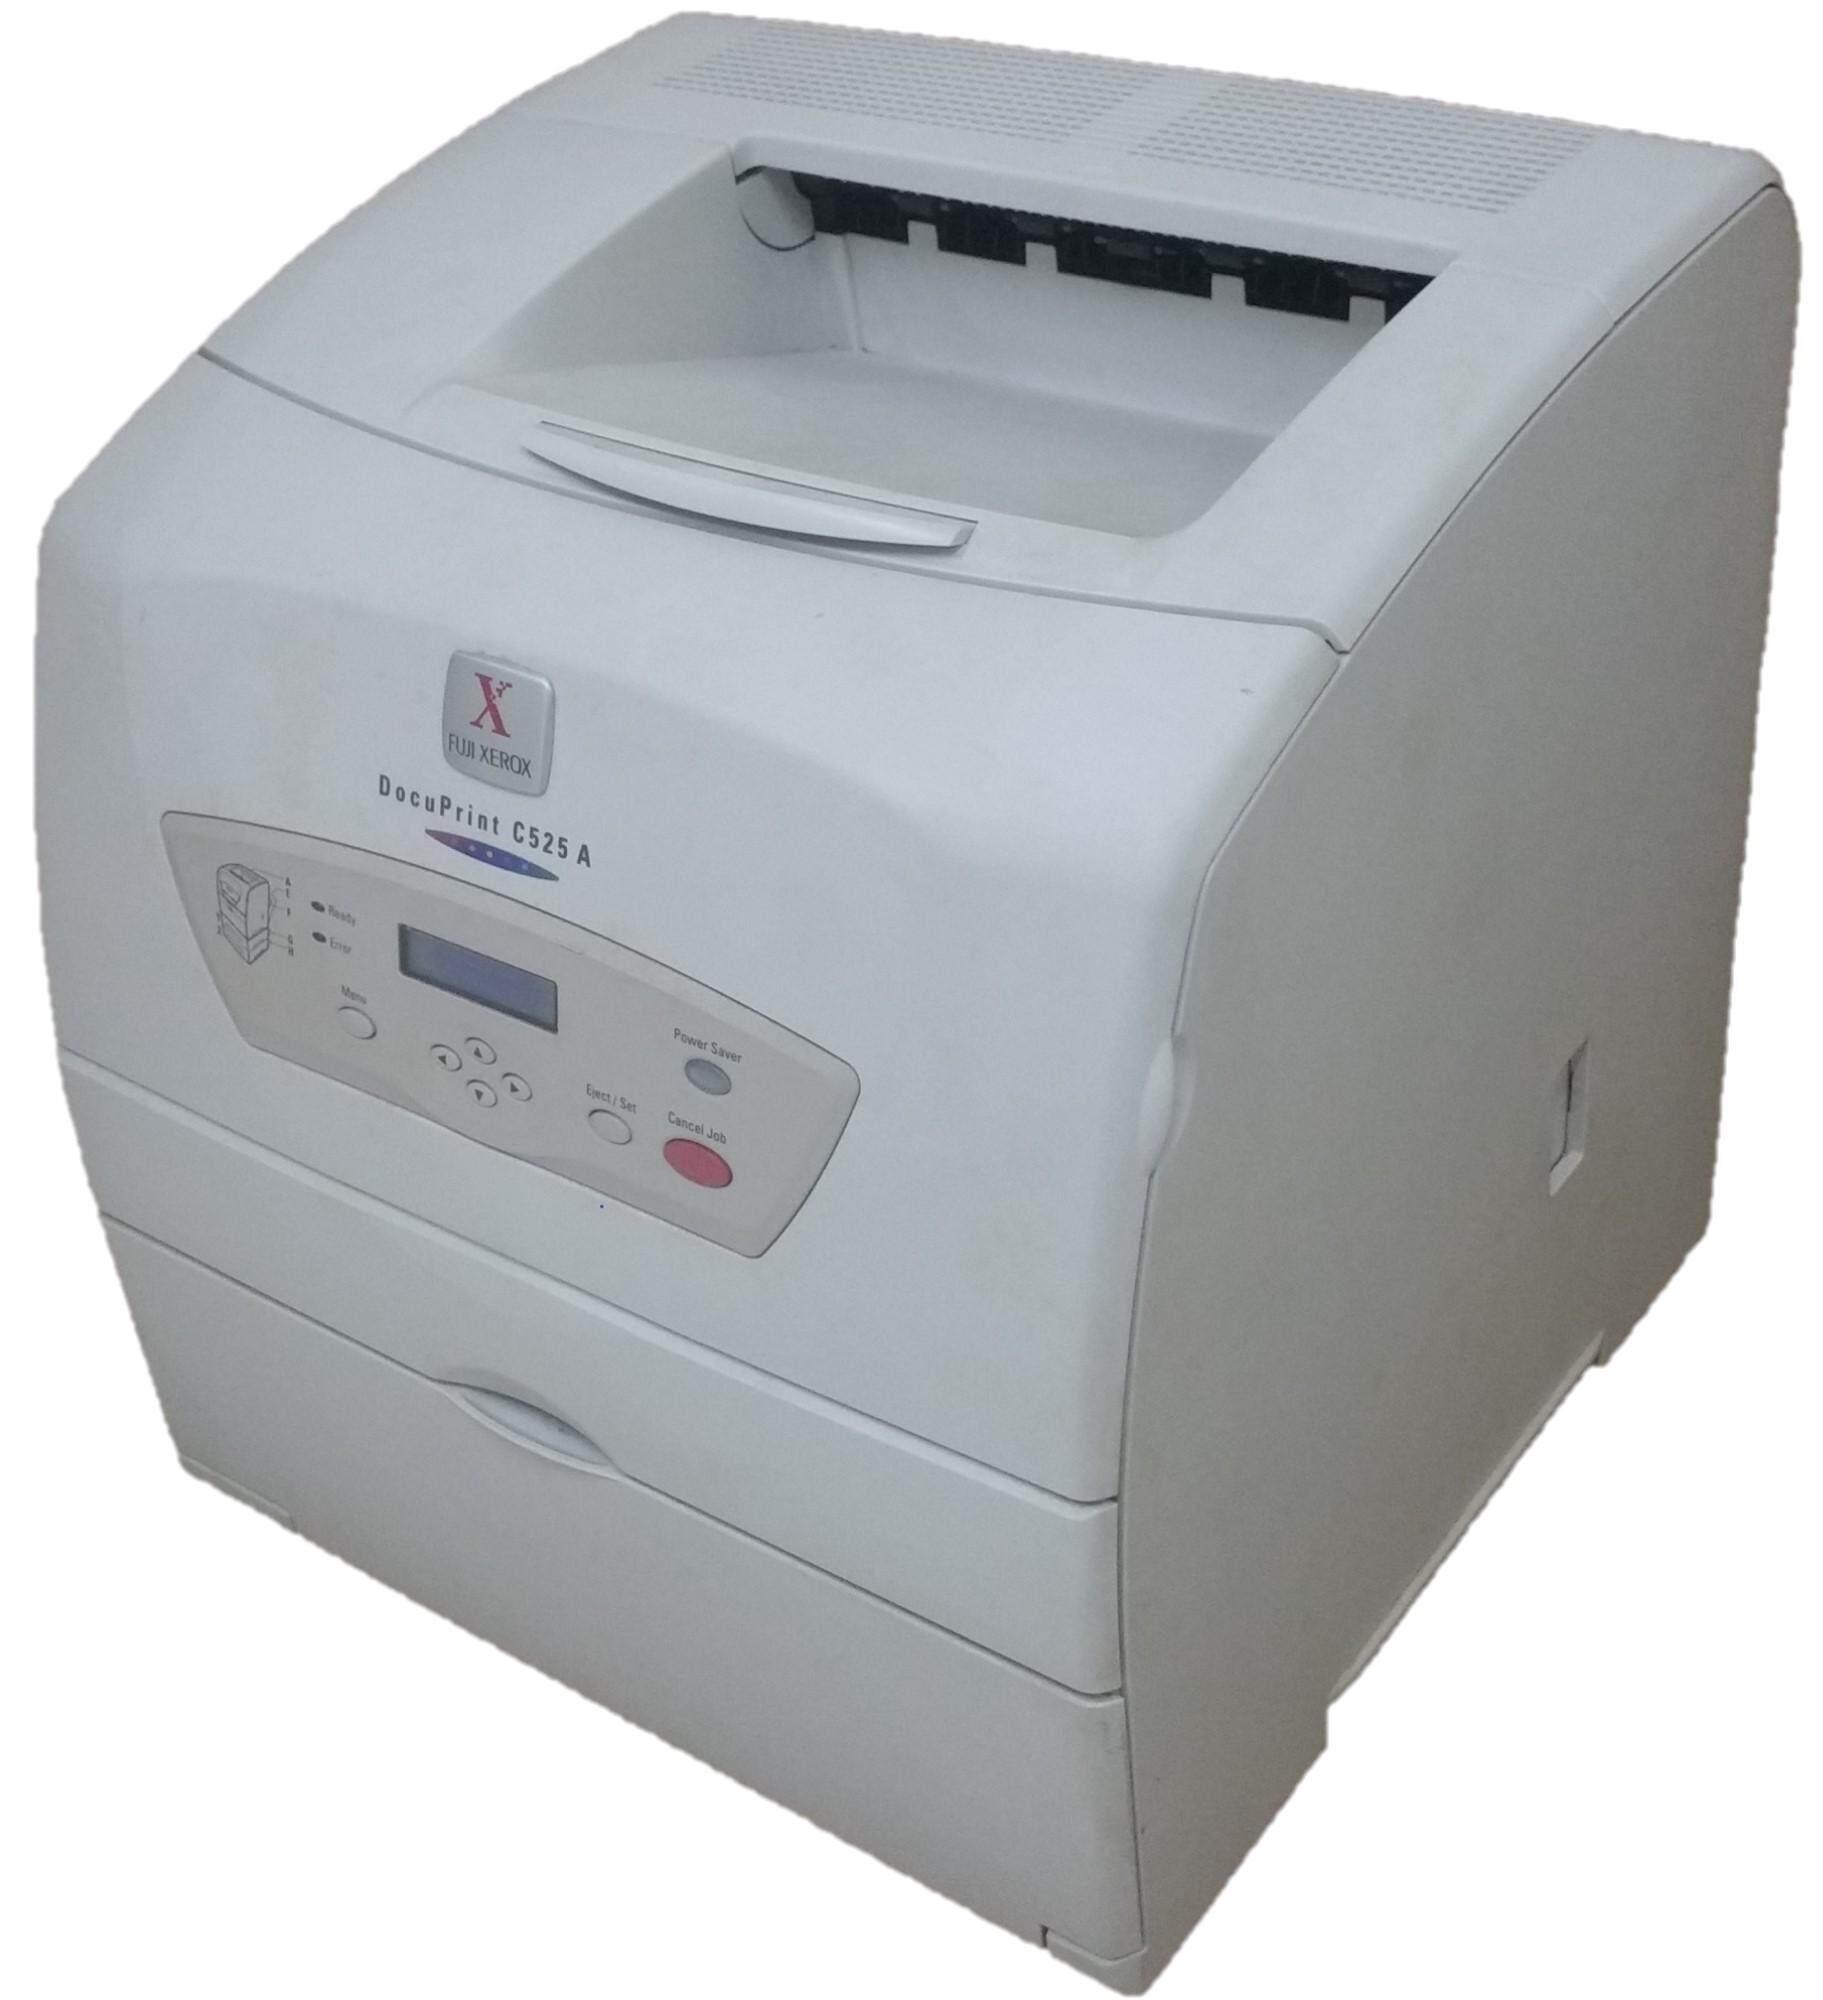 Fuji Xerox Printers Accessories Price In Malaysia Docuprint Cp115w C525a Used